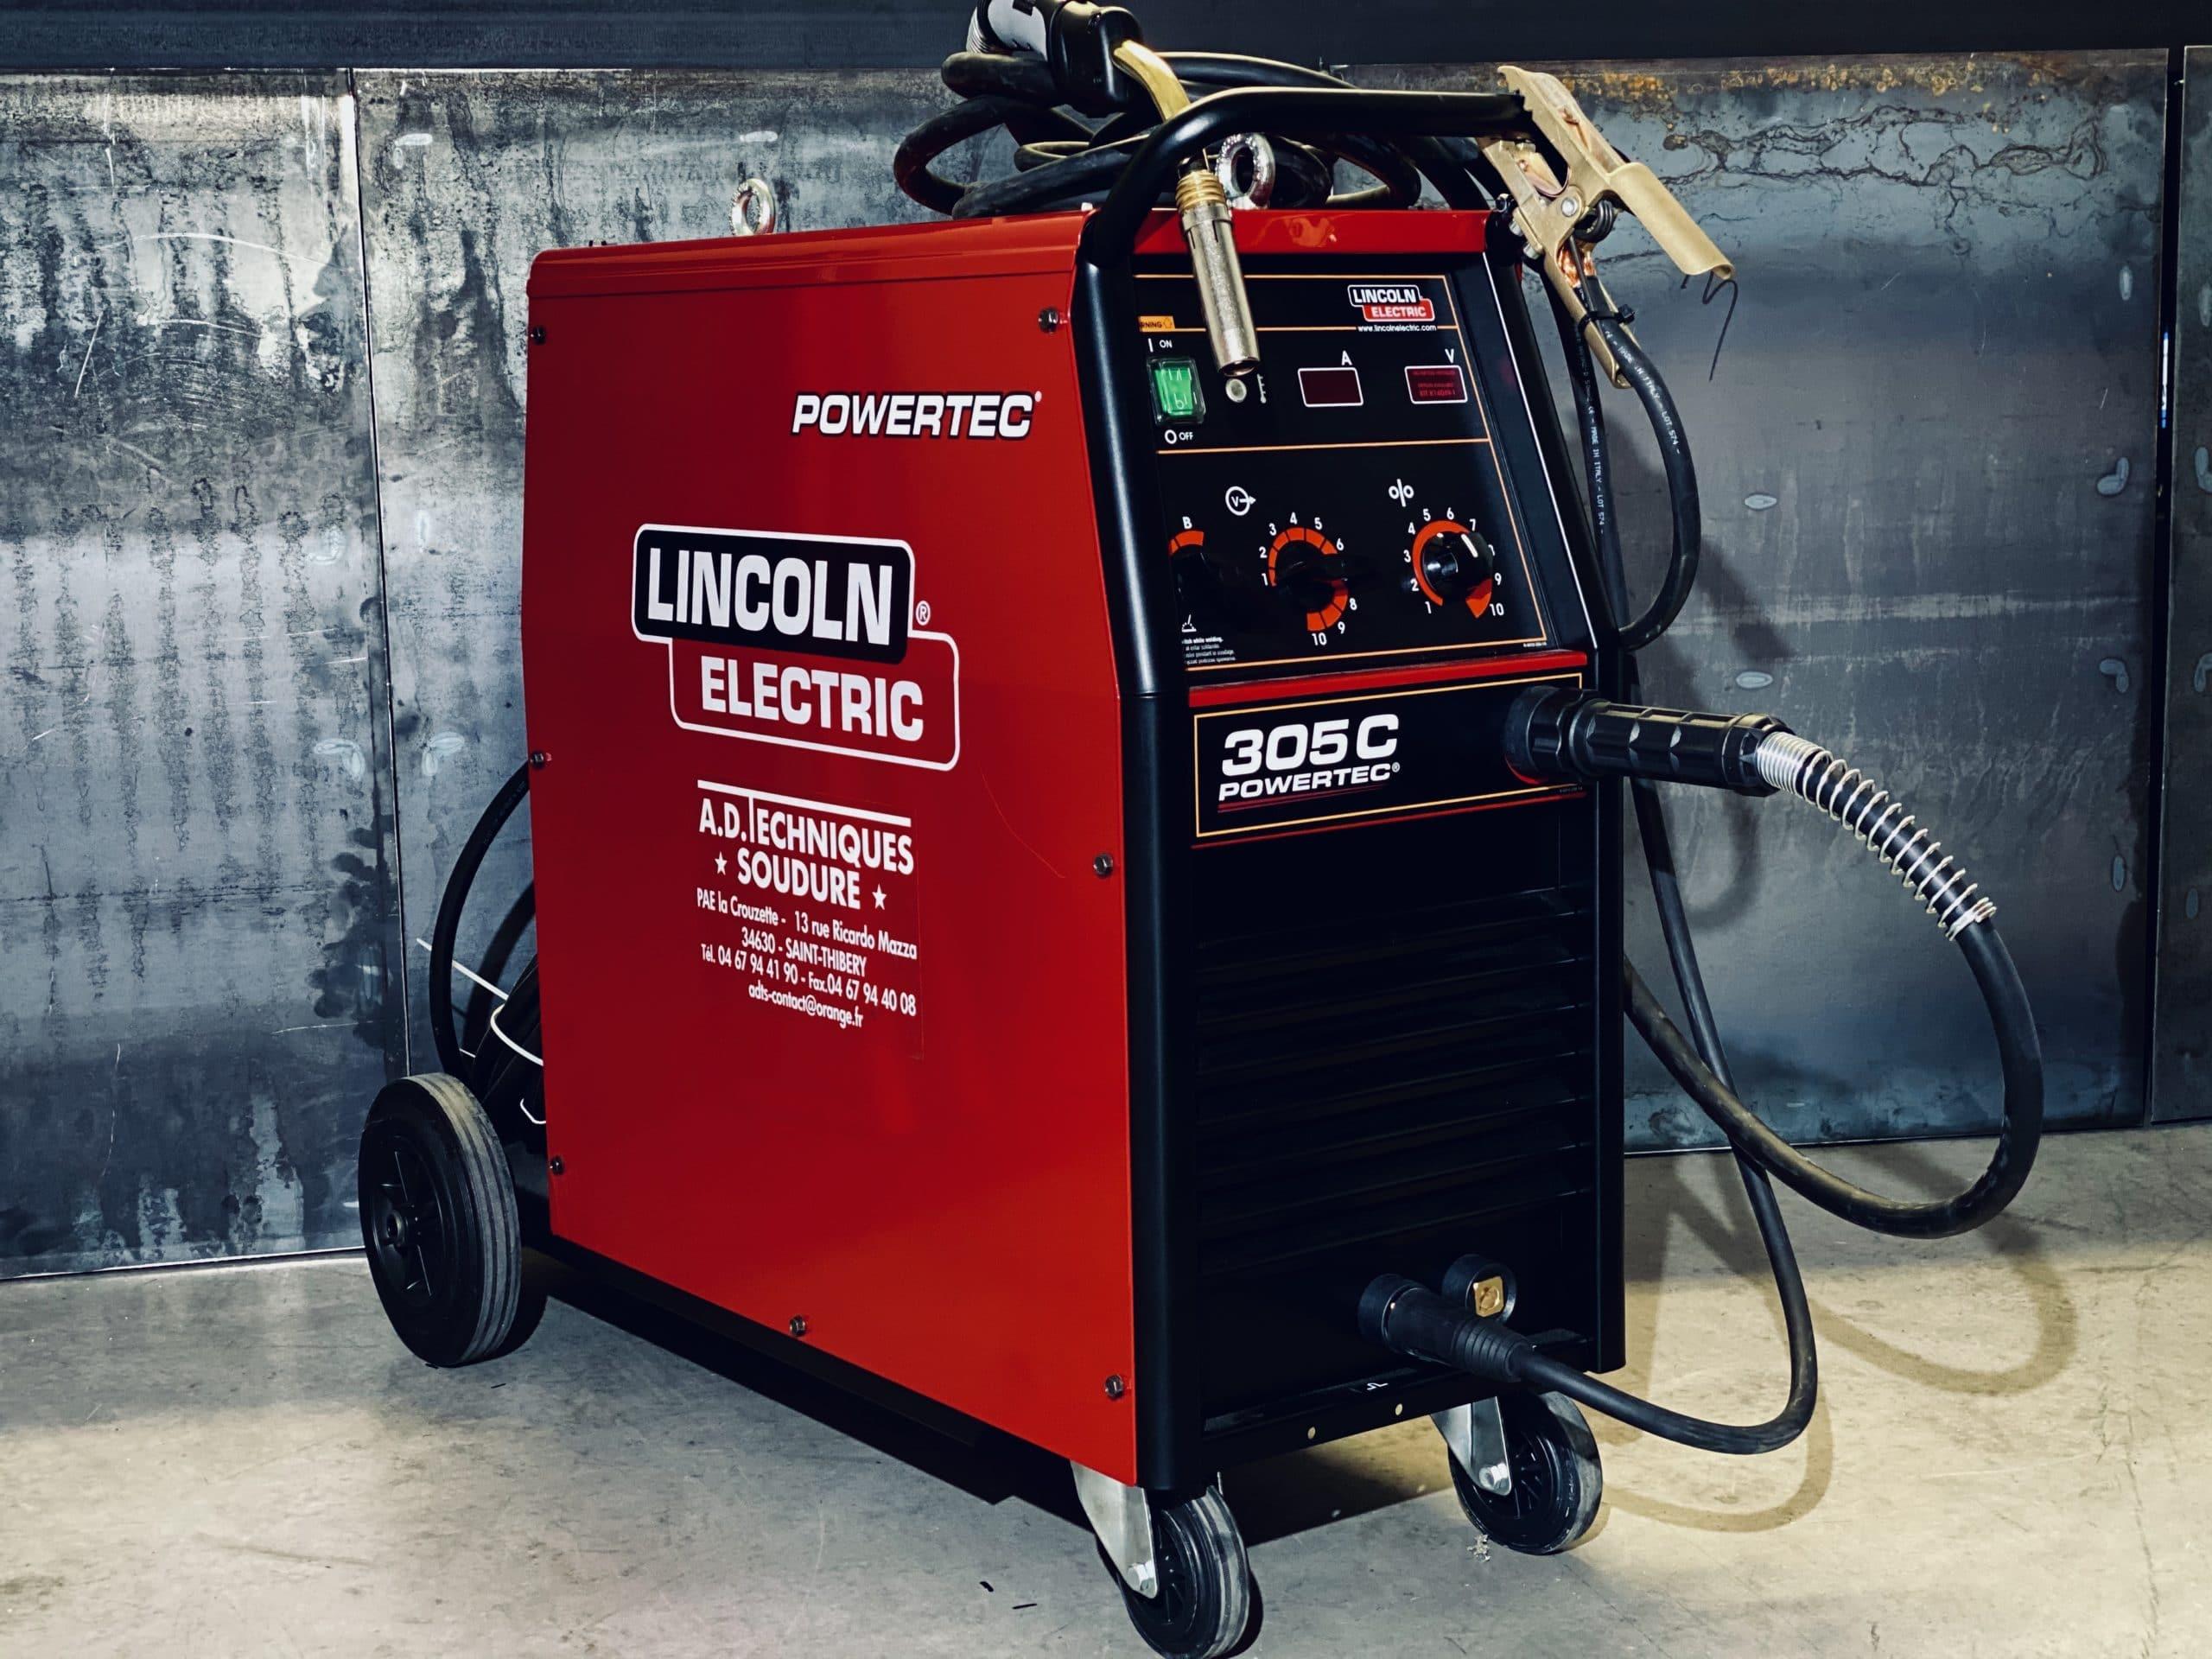 Poste à souder Powertec 305C pour soudure MIG Lincoln Electric Triphasé